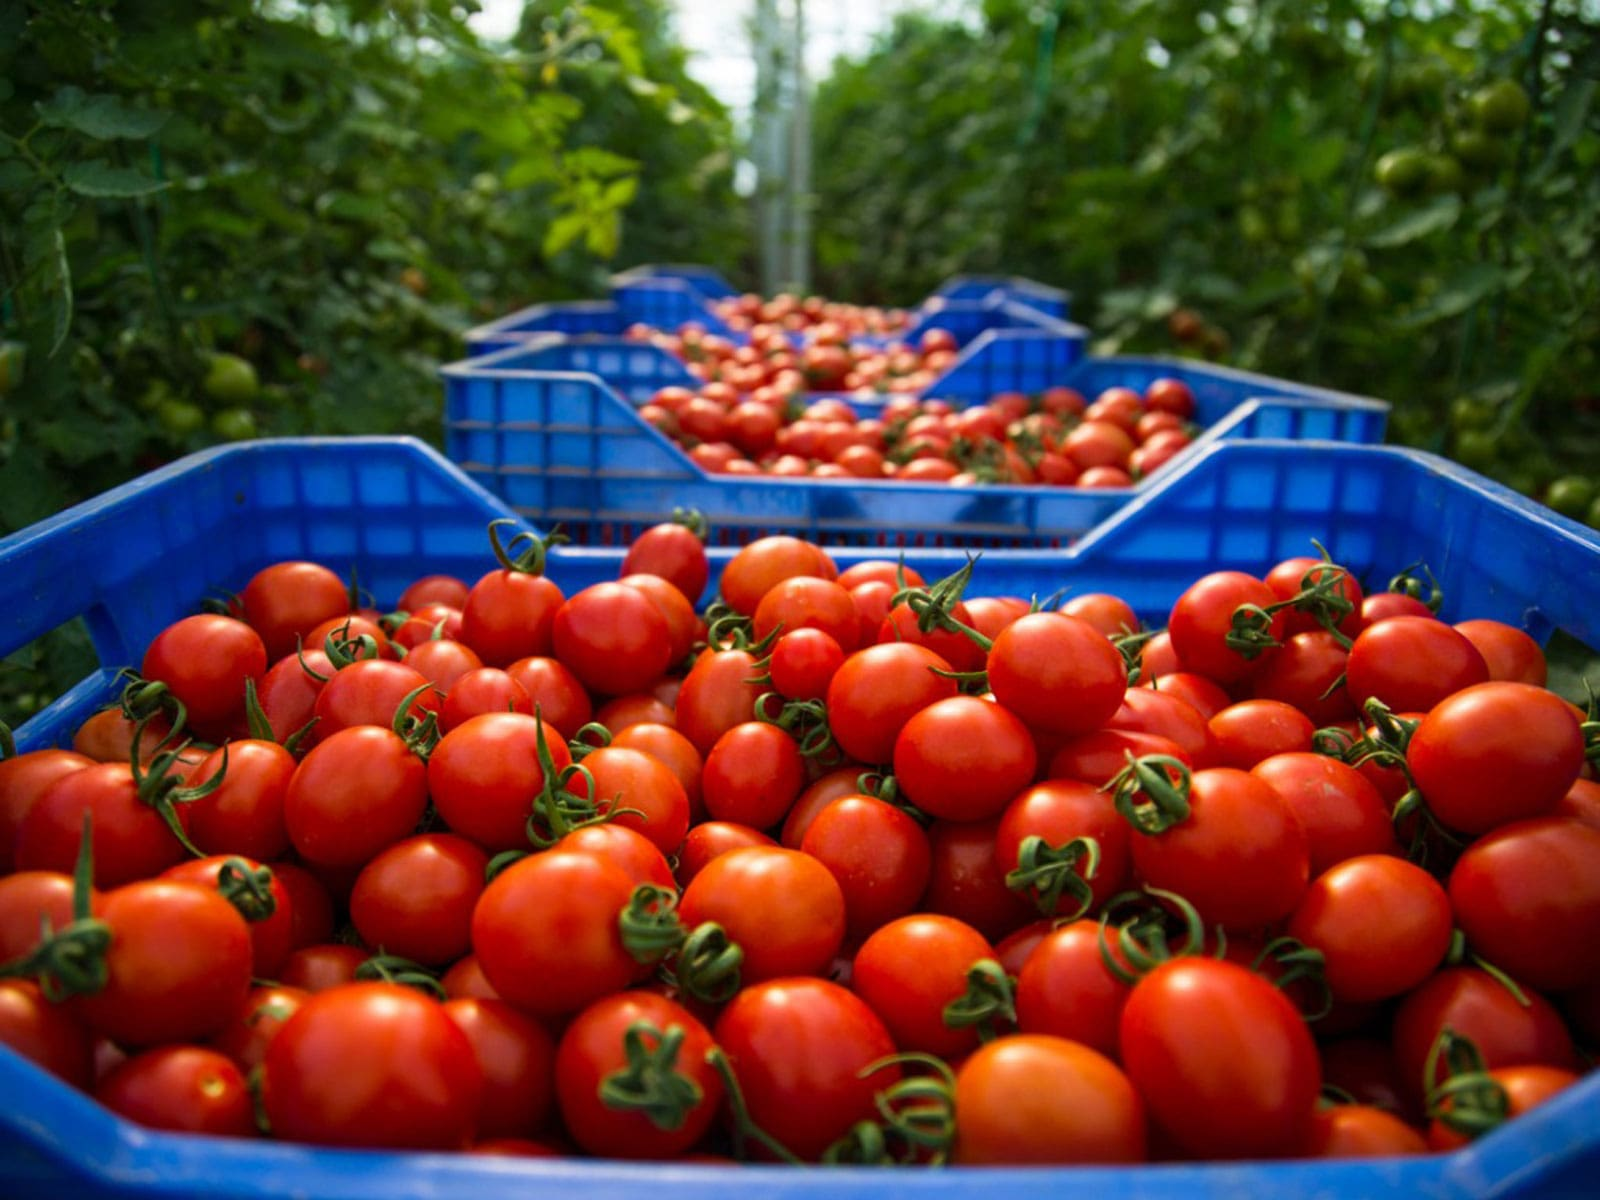 Küresel açlıkla mücadele etmek için yeniliği teşvik etmemiz, pazar verimsizliklerini azaltmamız ve hayati genetik kaynakları korumamız gerekiyor.